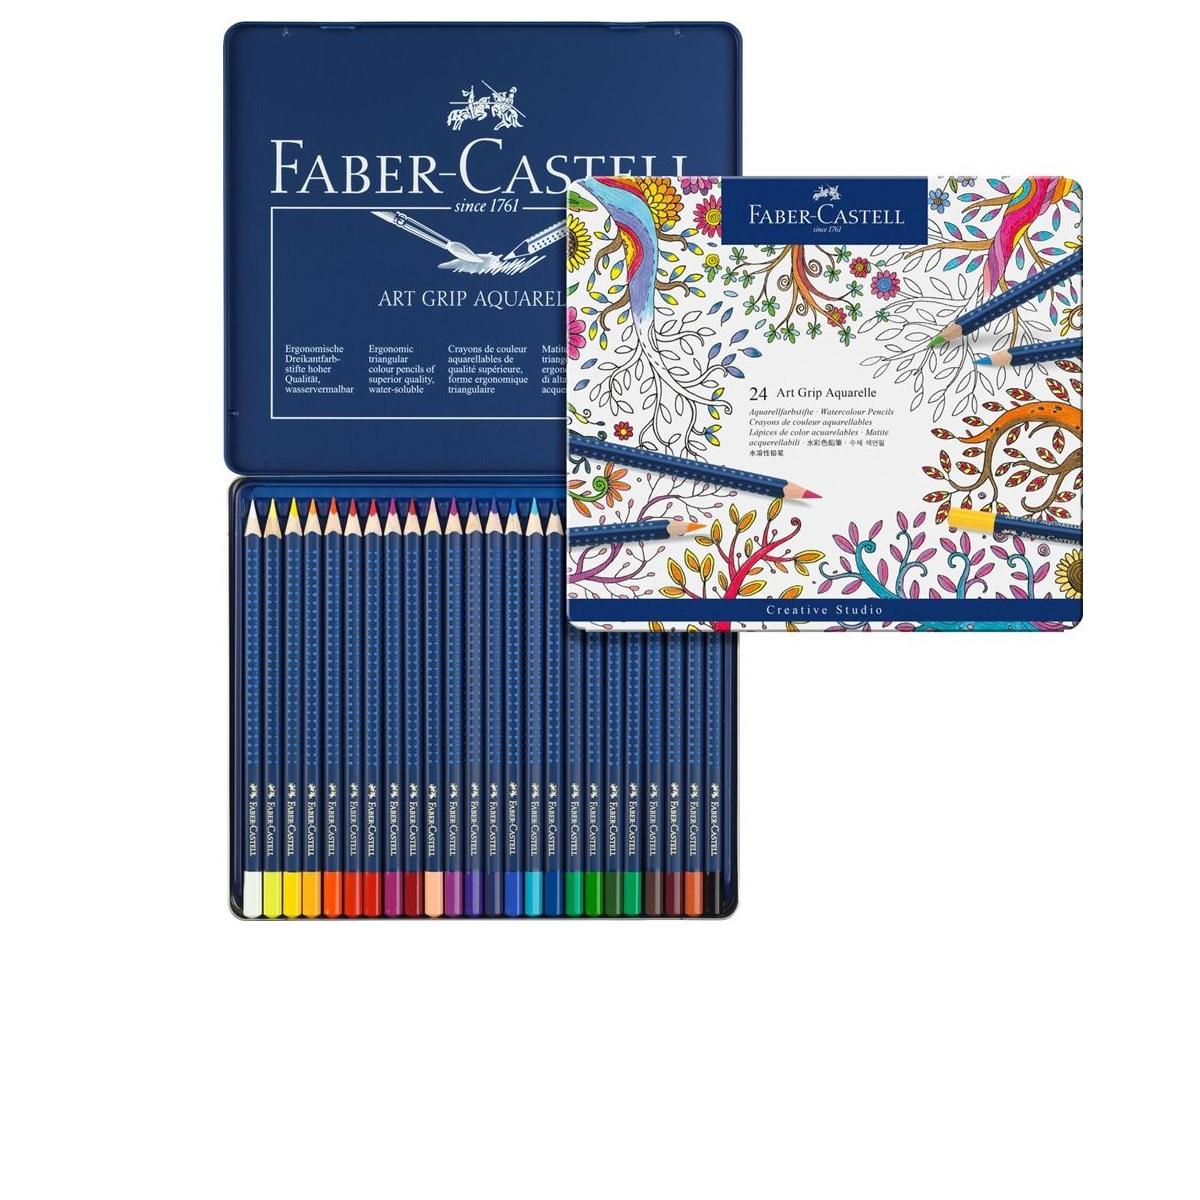 114224 FABER-CASTELL                                                | LAPICES ART GRIP ACUARELABLES POR 24 COLORES